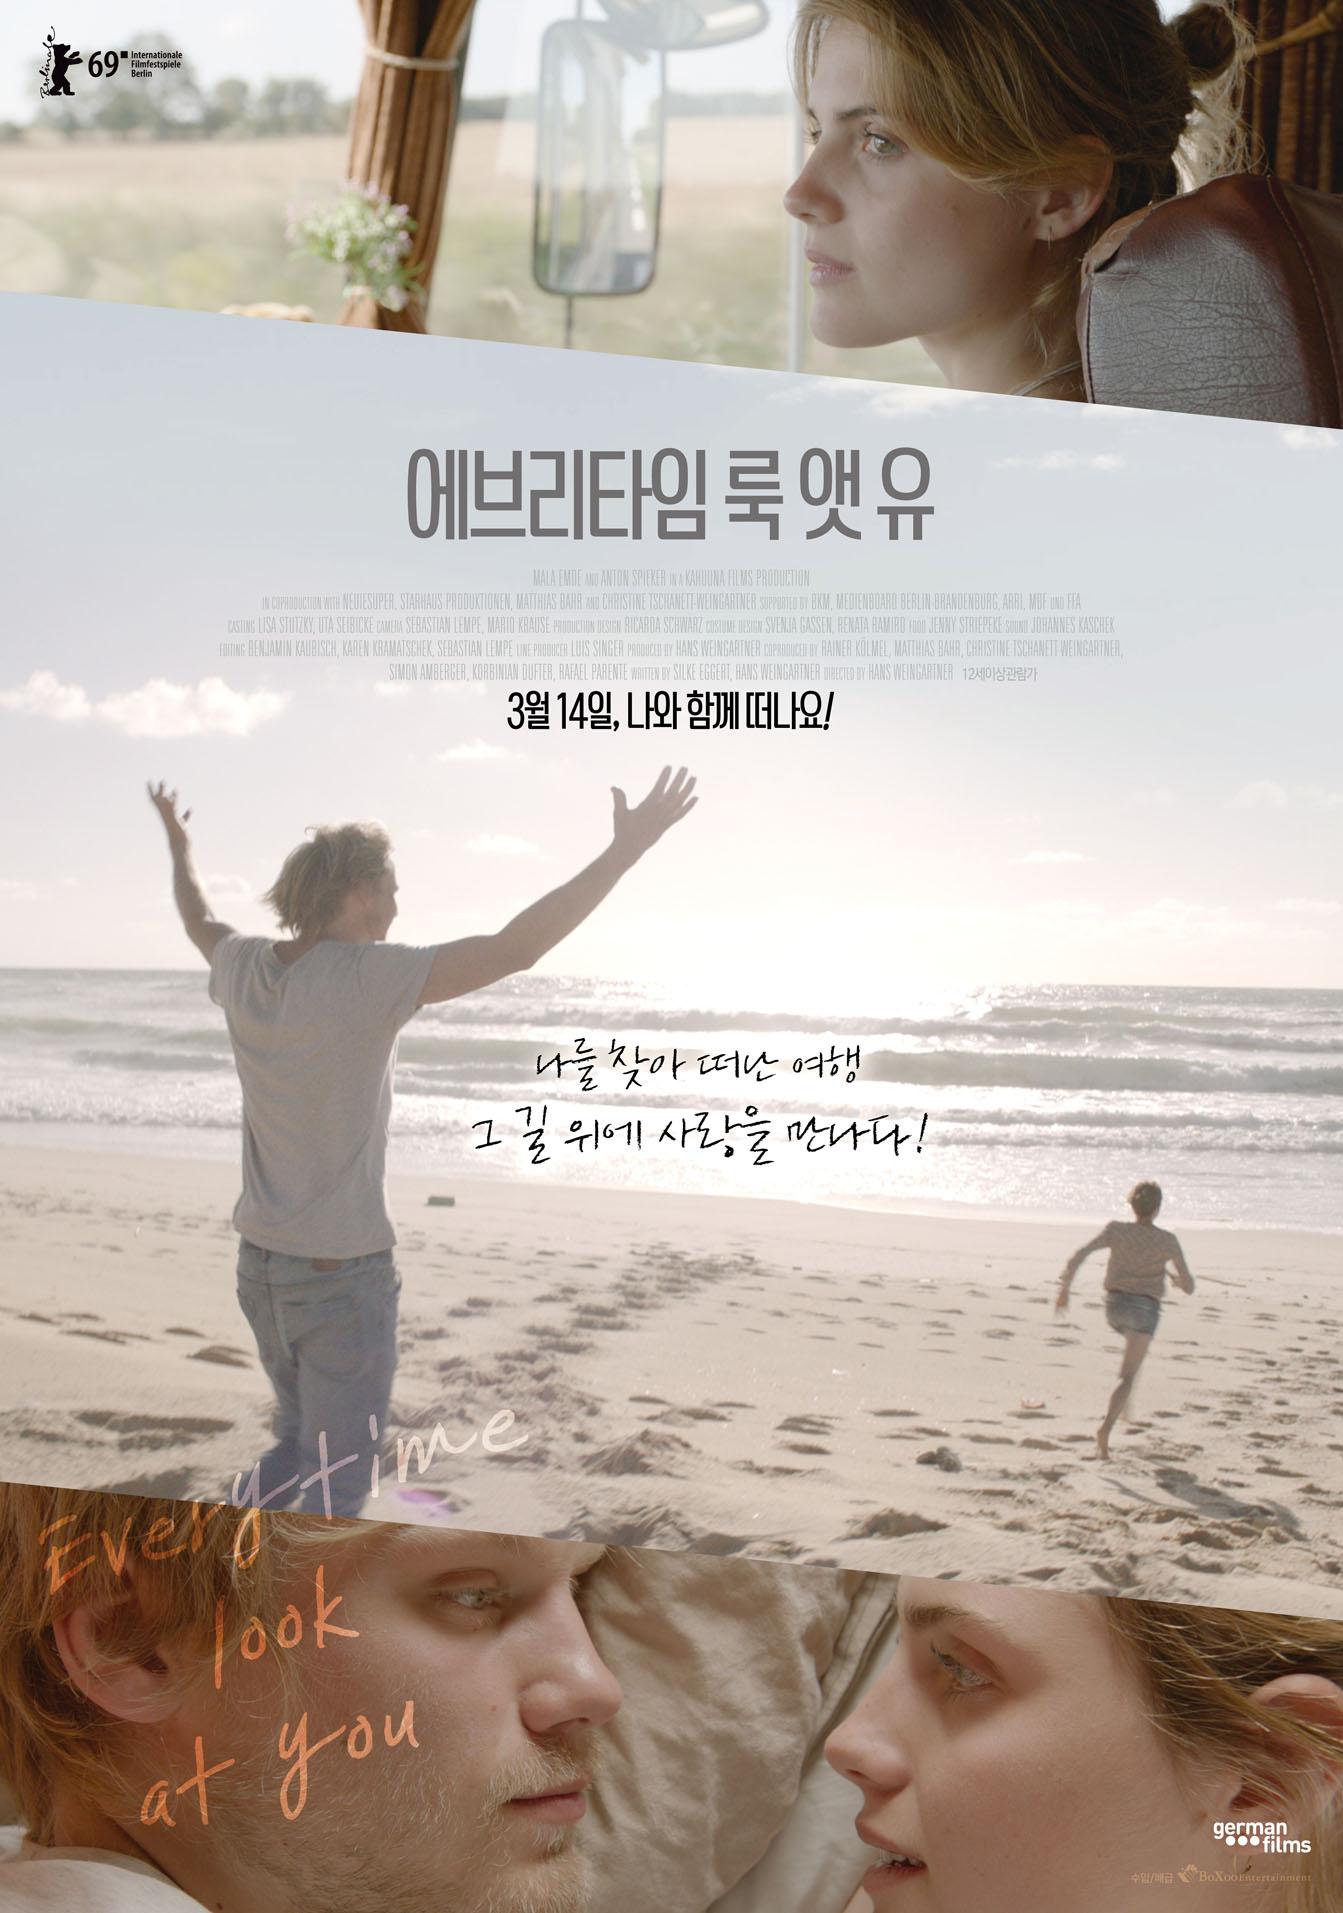 에브리타임 룩 앳 유_메인 포스터.jpg